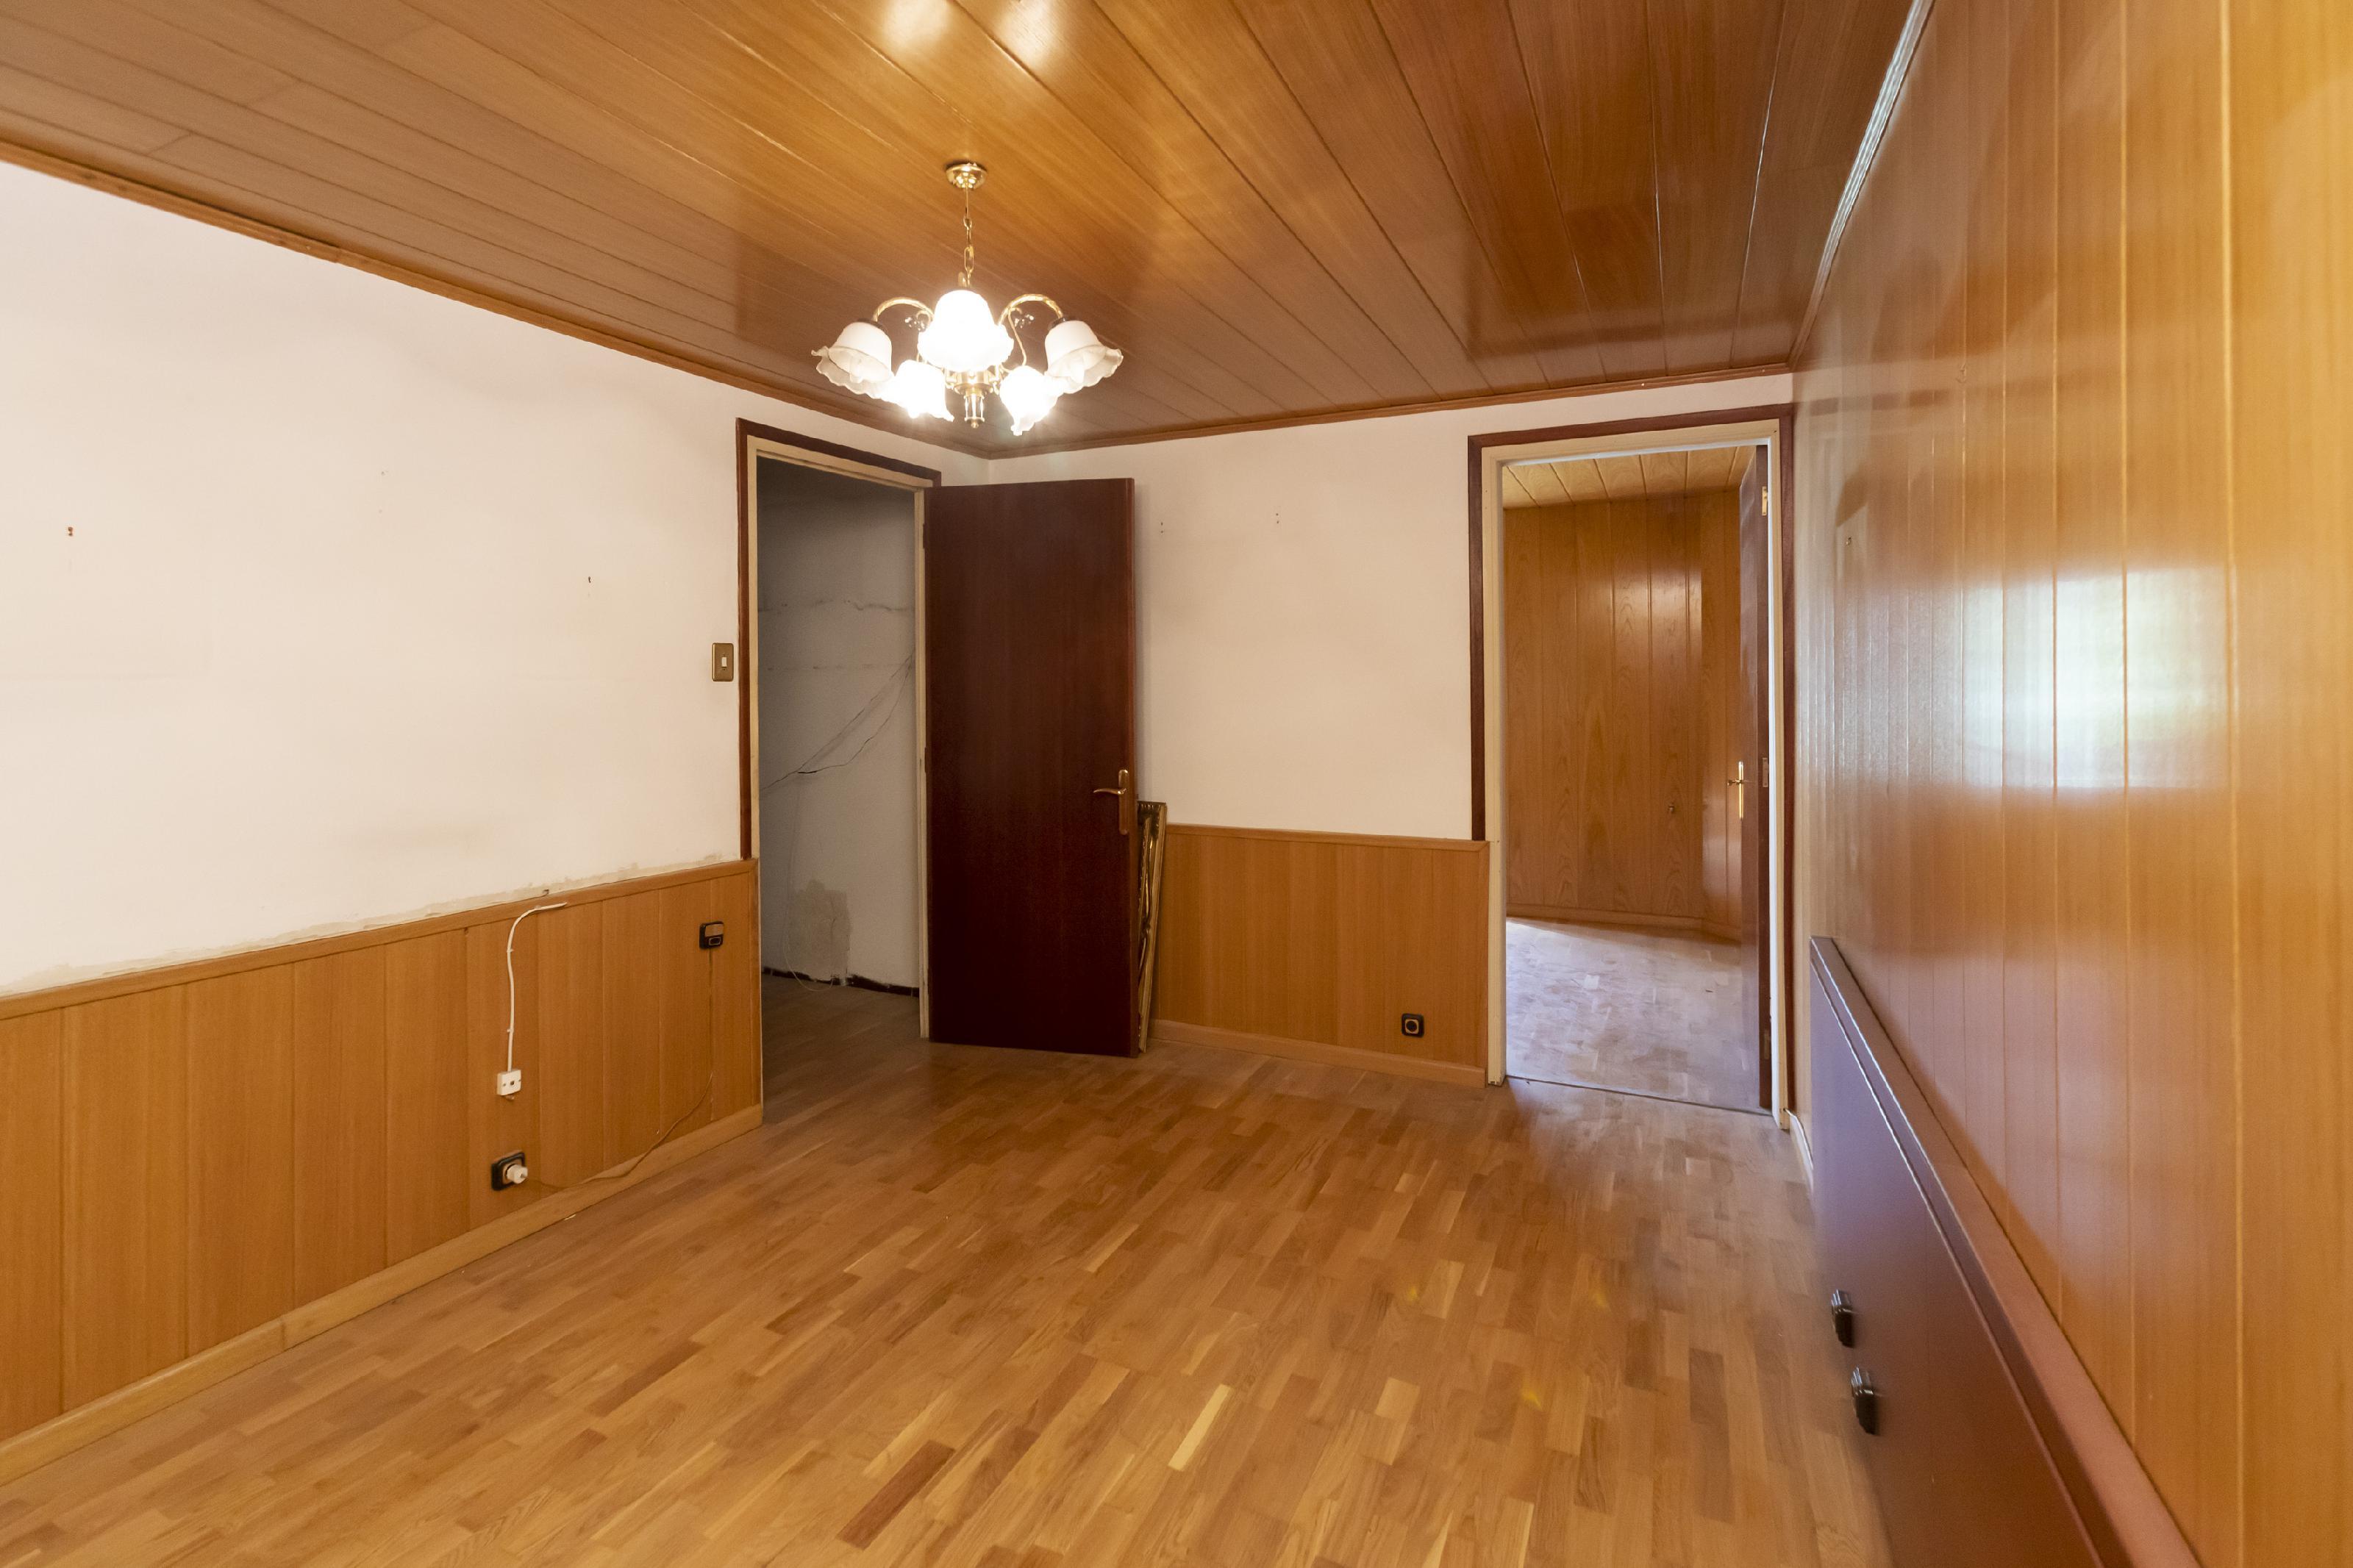 249361 Flat for sale in Eixample, Antiga Esquerre Eixample 21